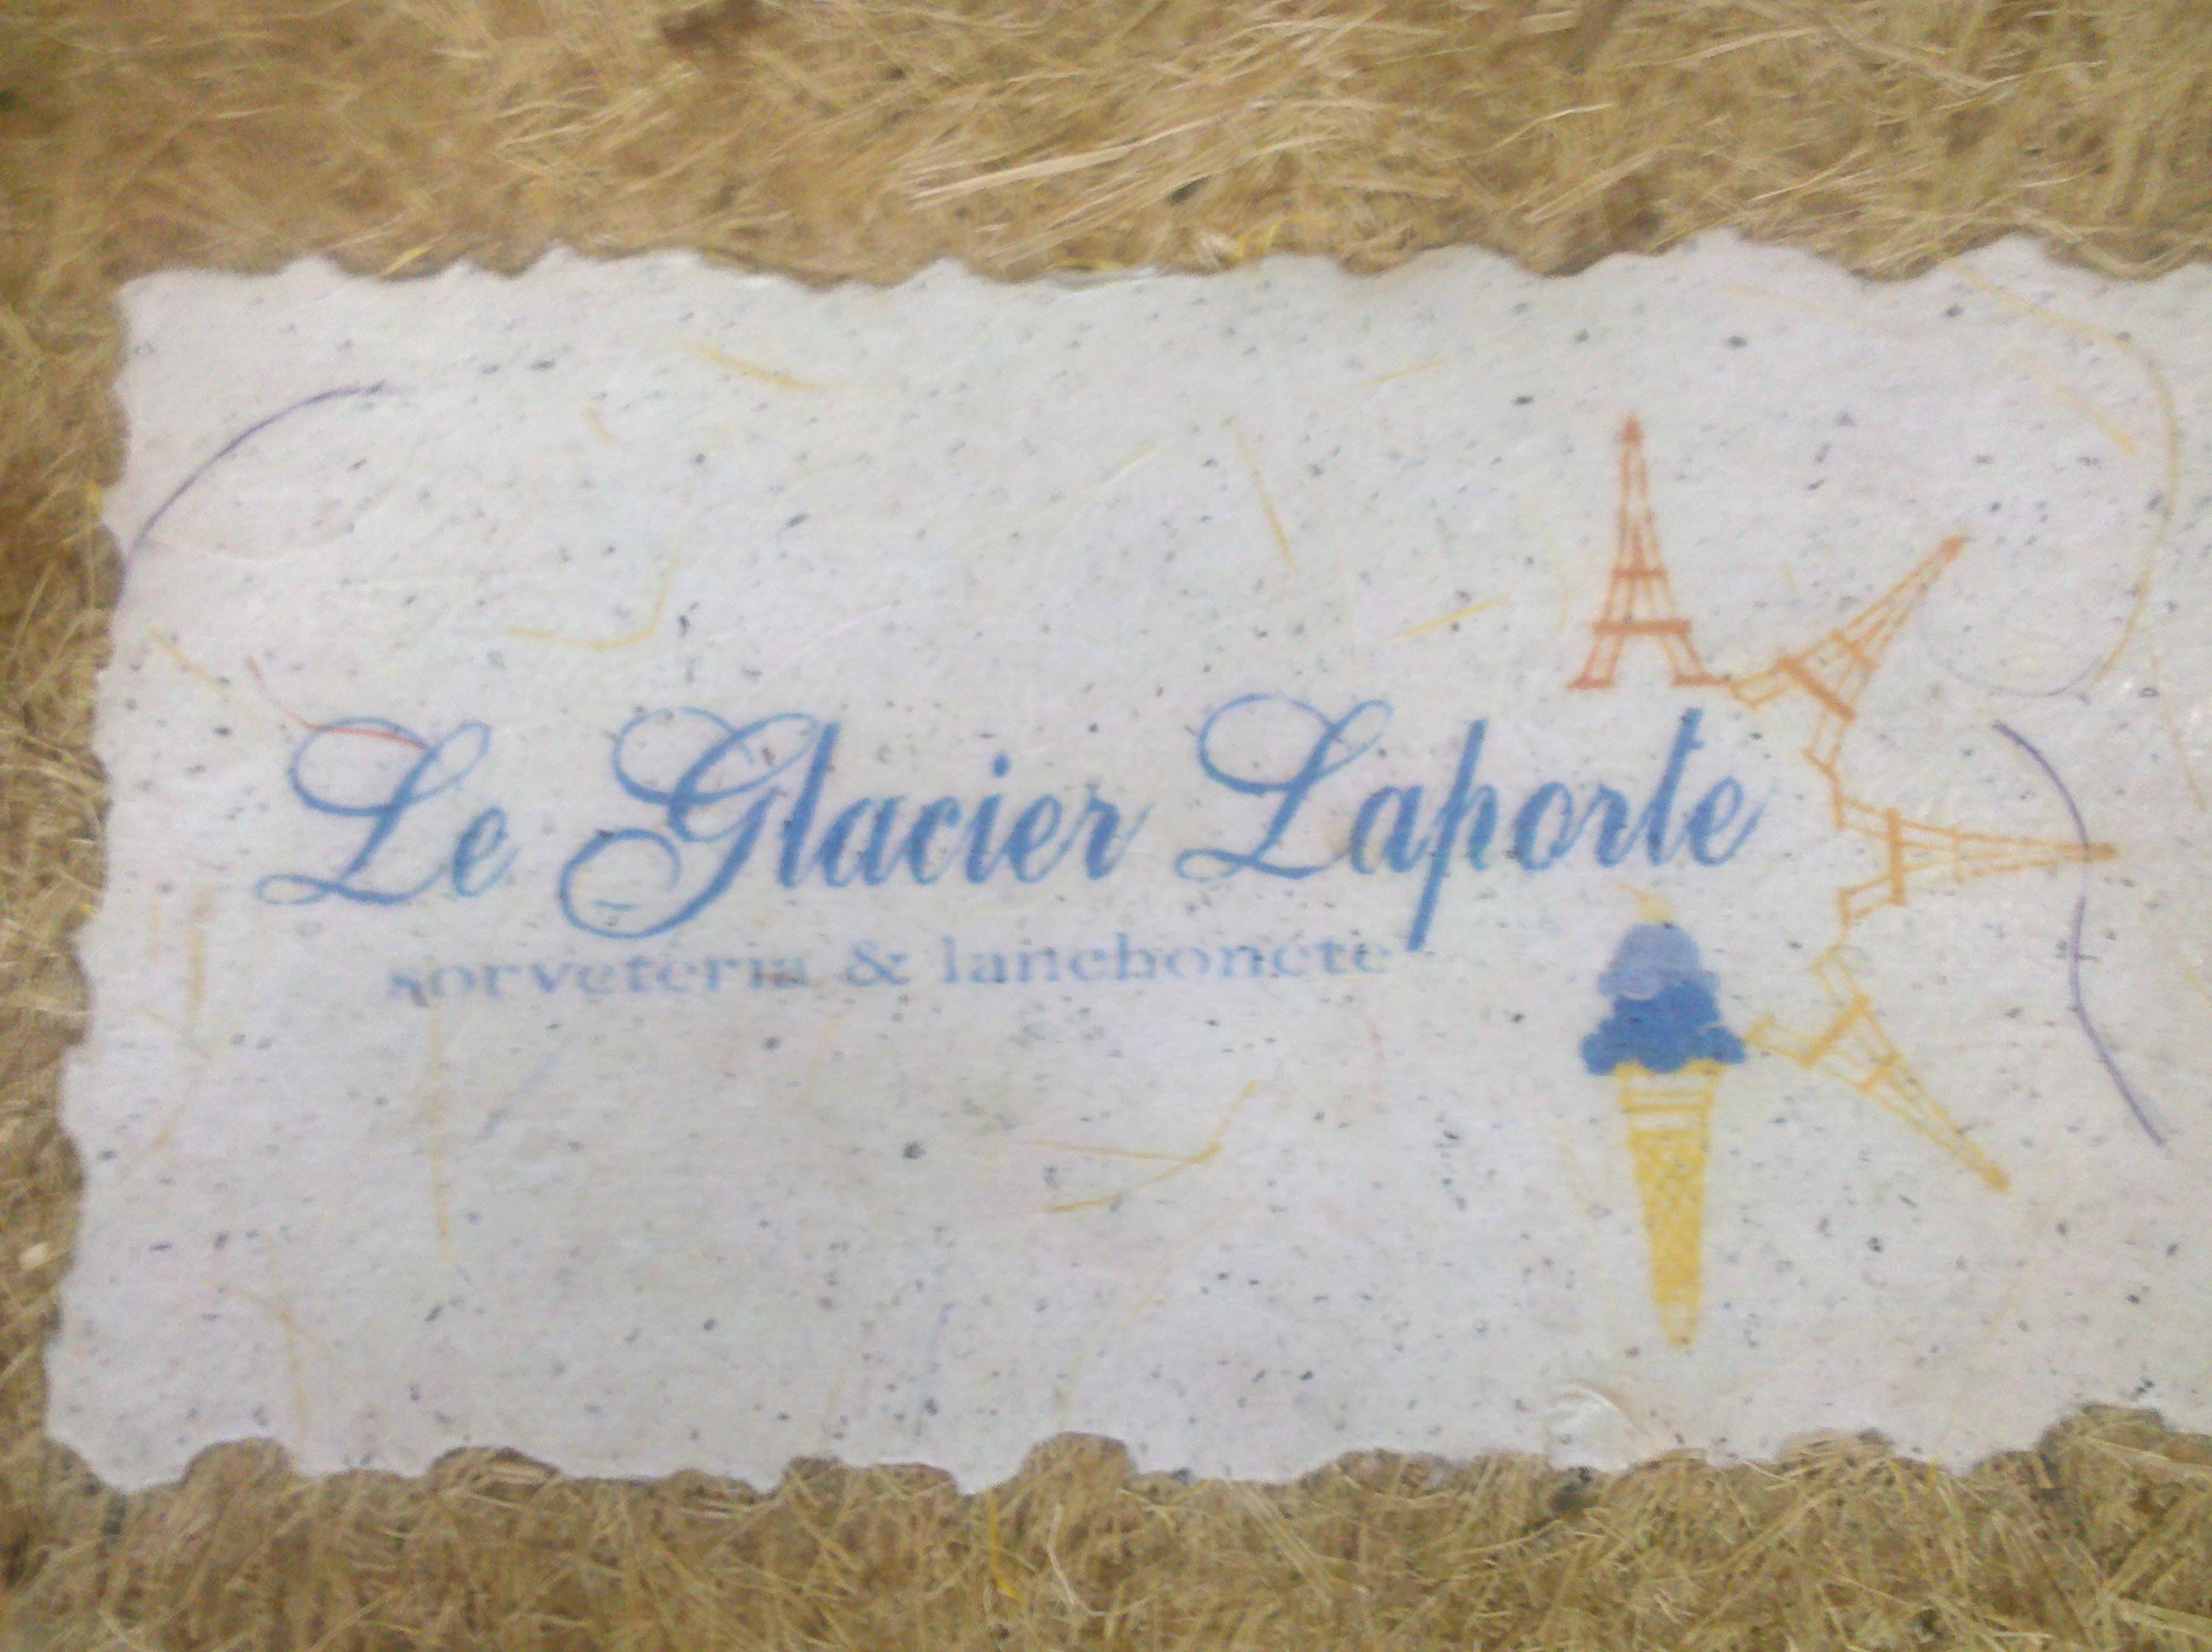 Culpada, Confesso - Le Glacier Laporte